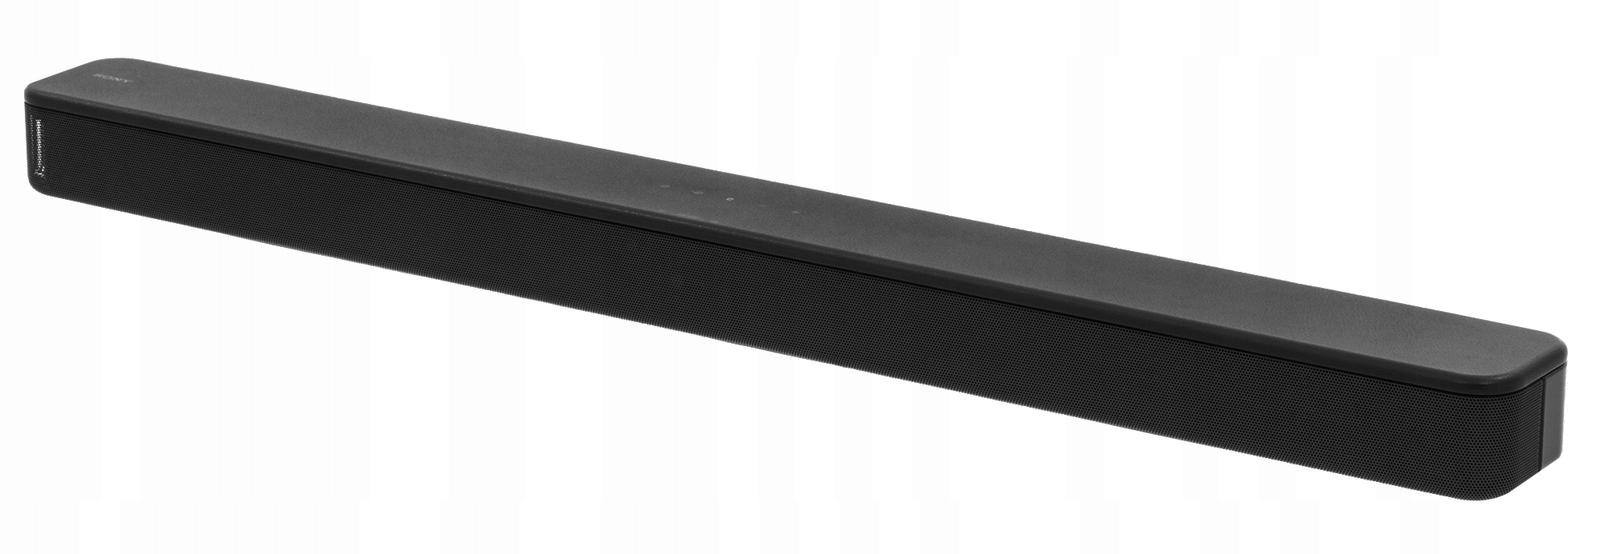 Stereo soundbad Sony HT-SF150